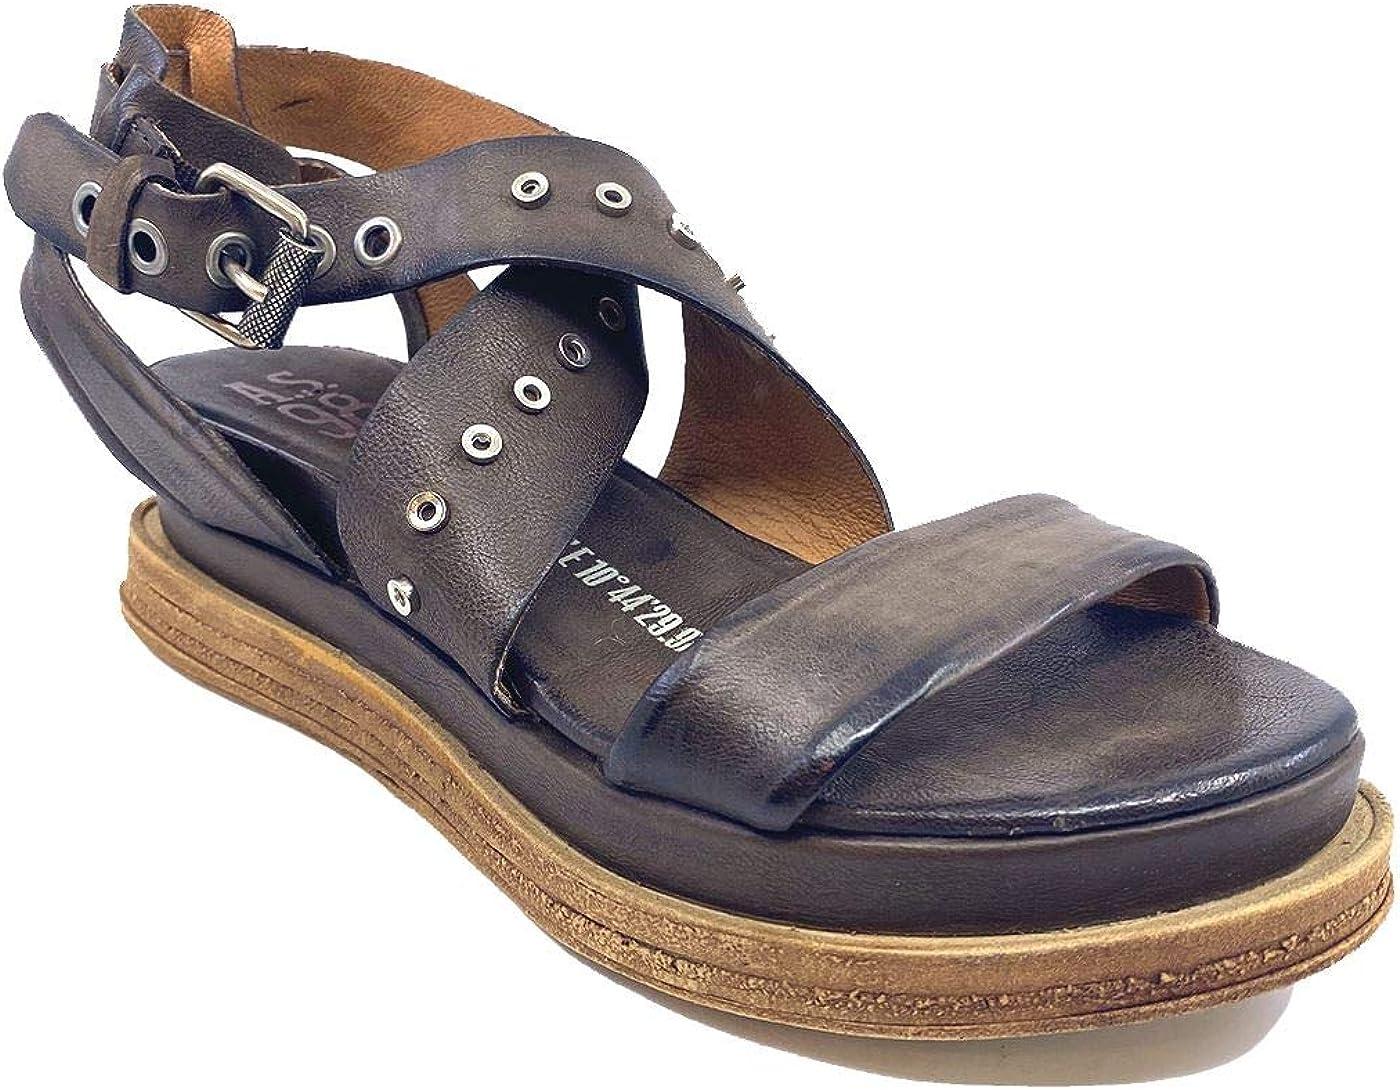 A.S. 98 A15003 - Sandalias bajas para mujer, de piel, color marrón Marrón